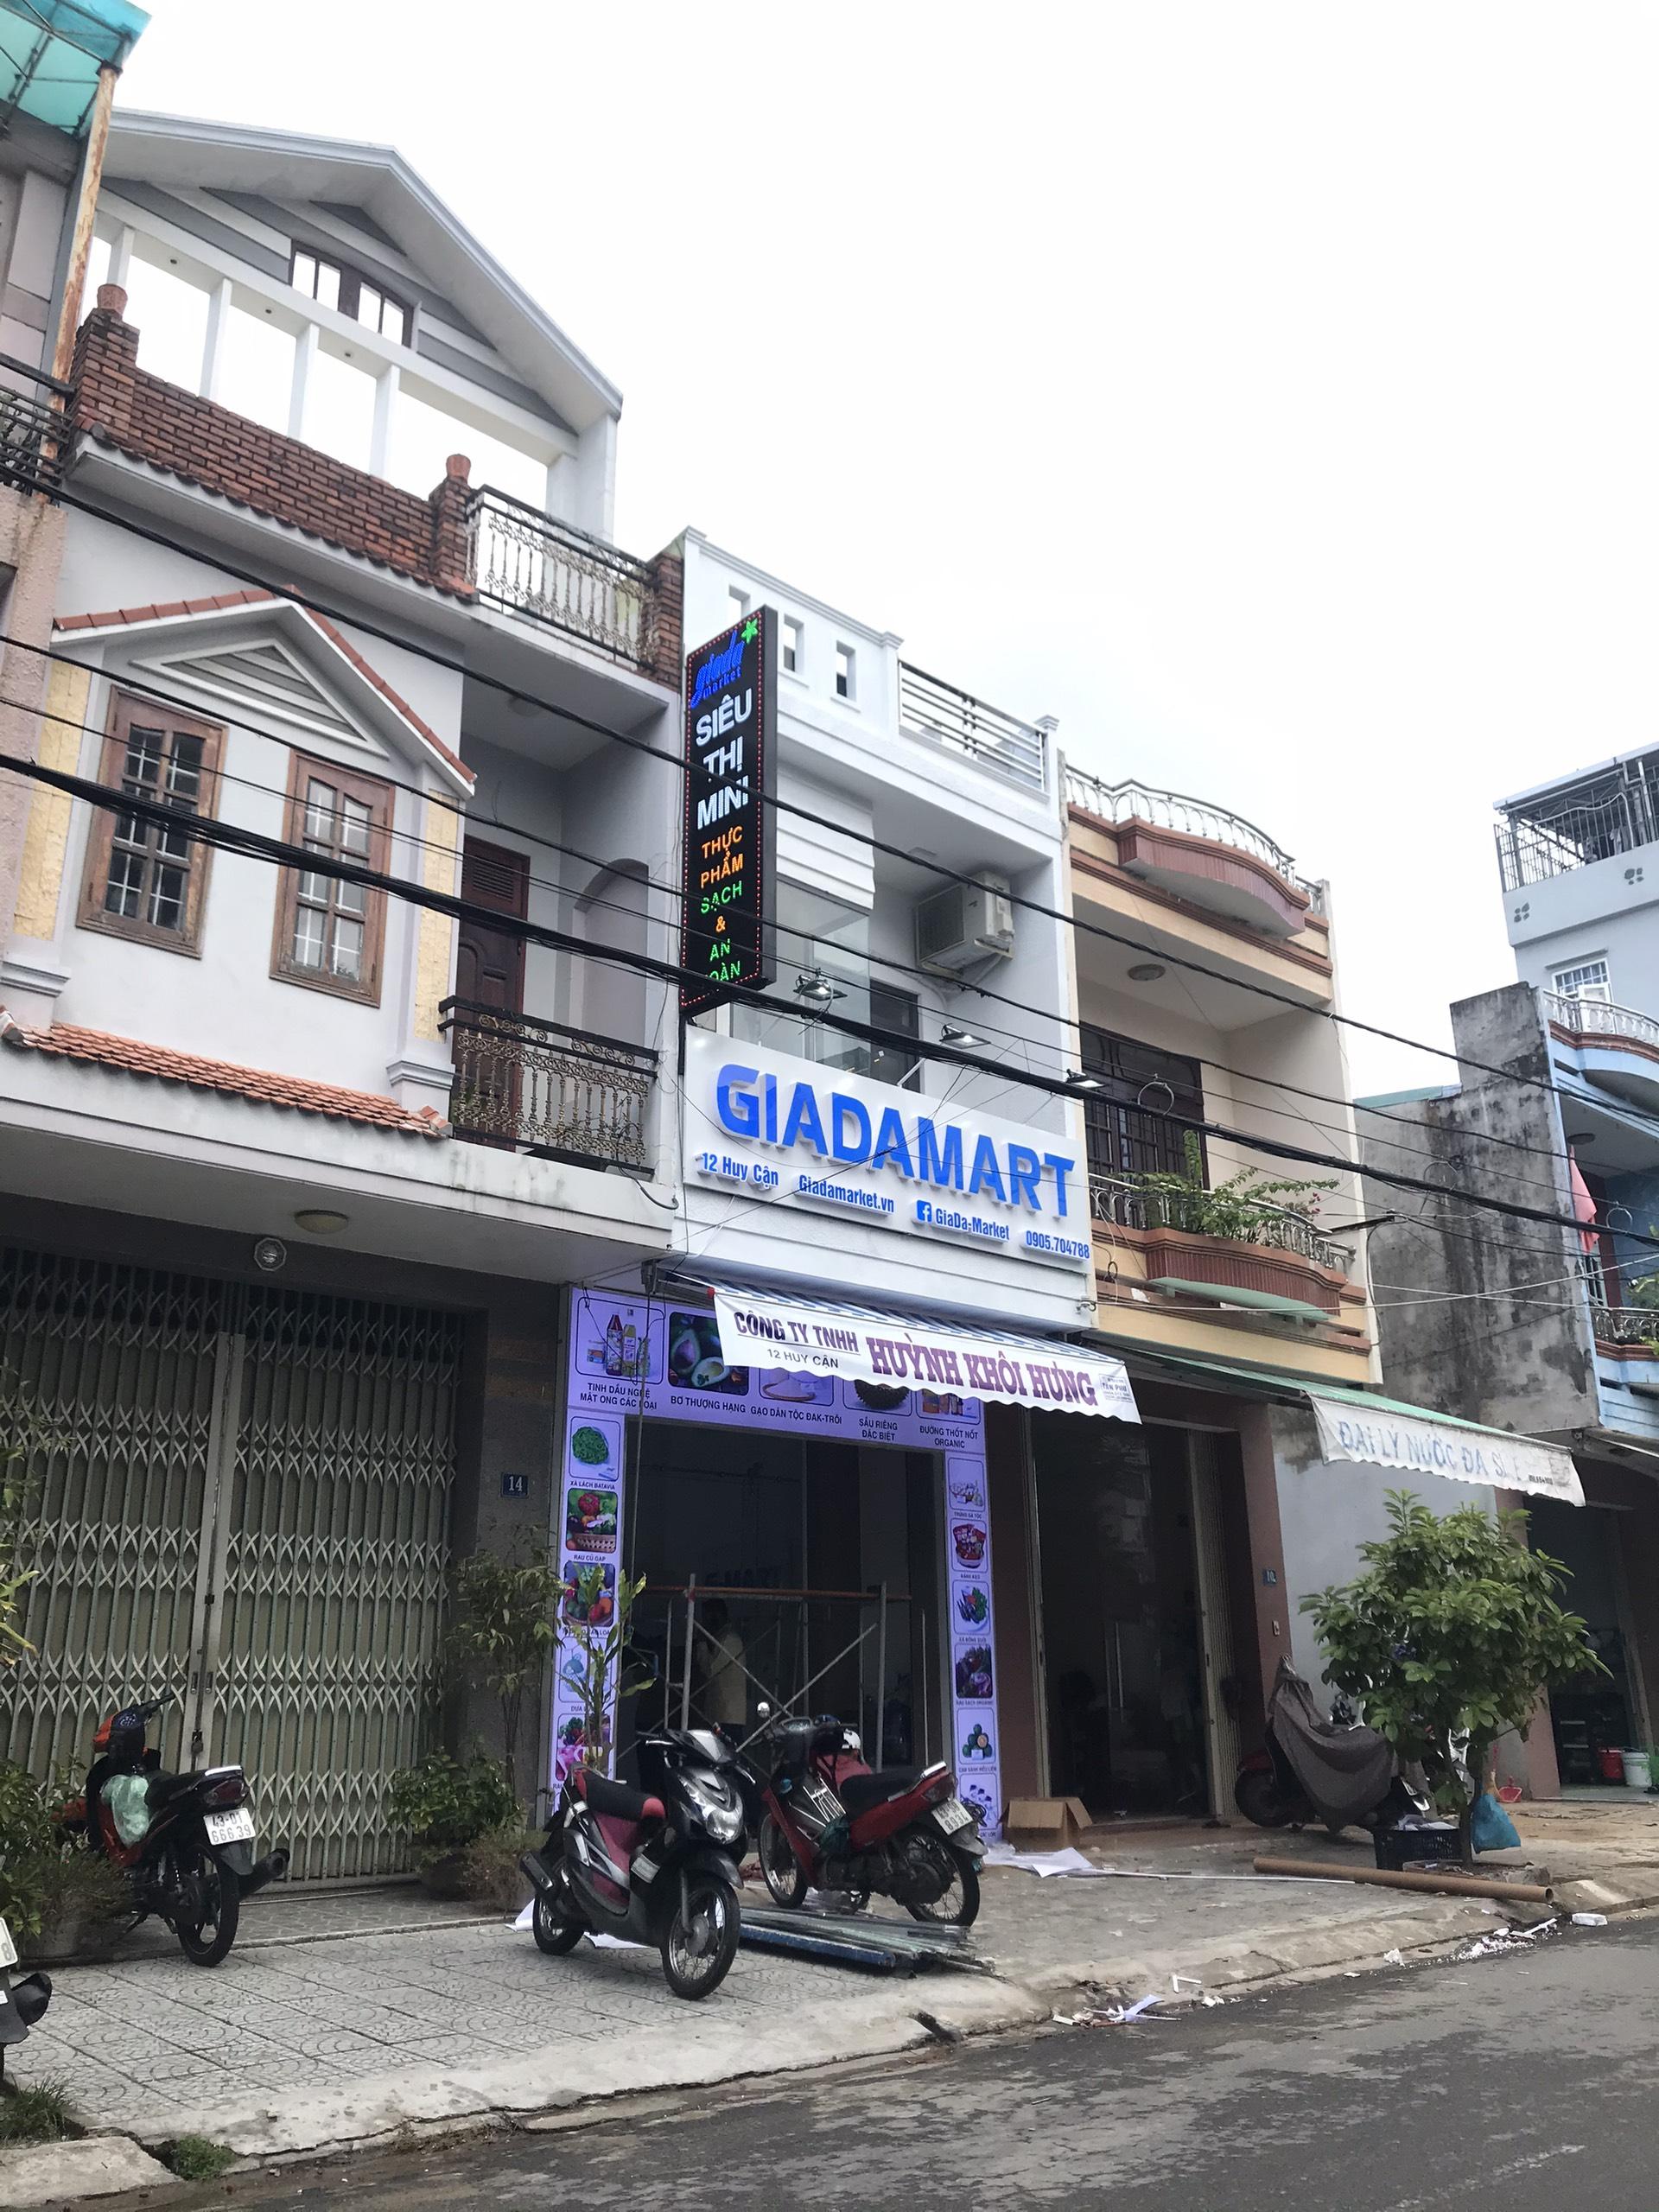 Thi công chuỗi siêu thị GIADA MAKET 2